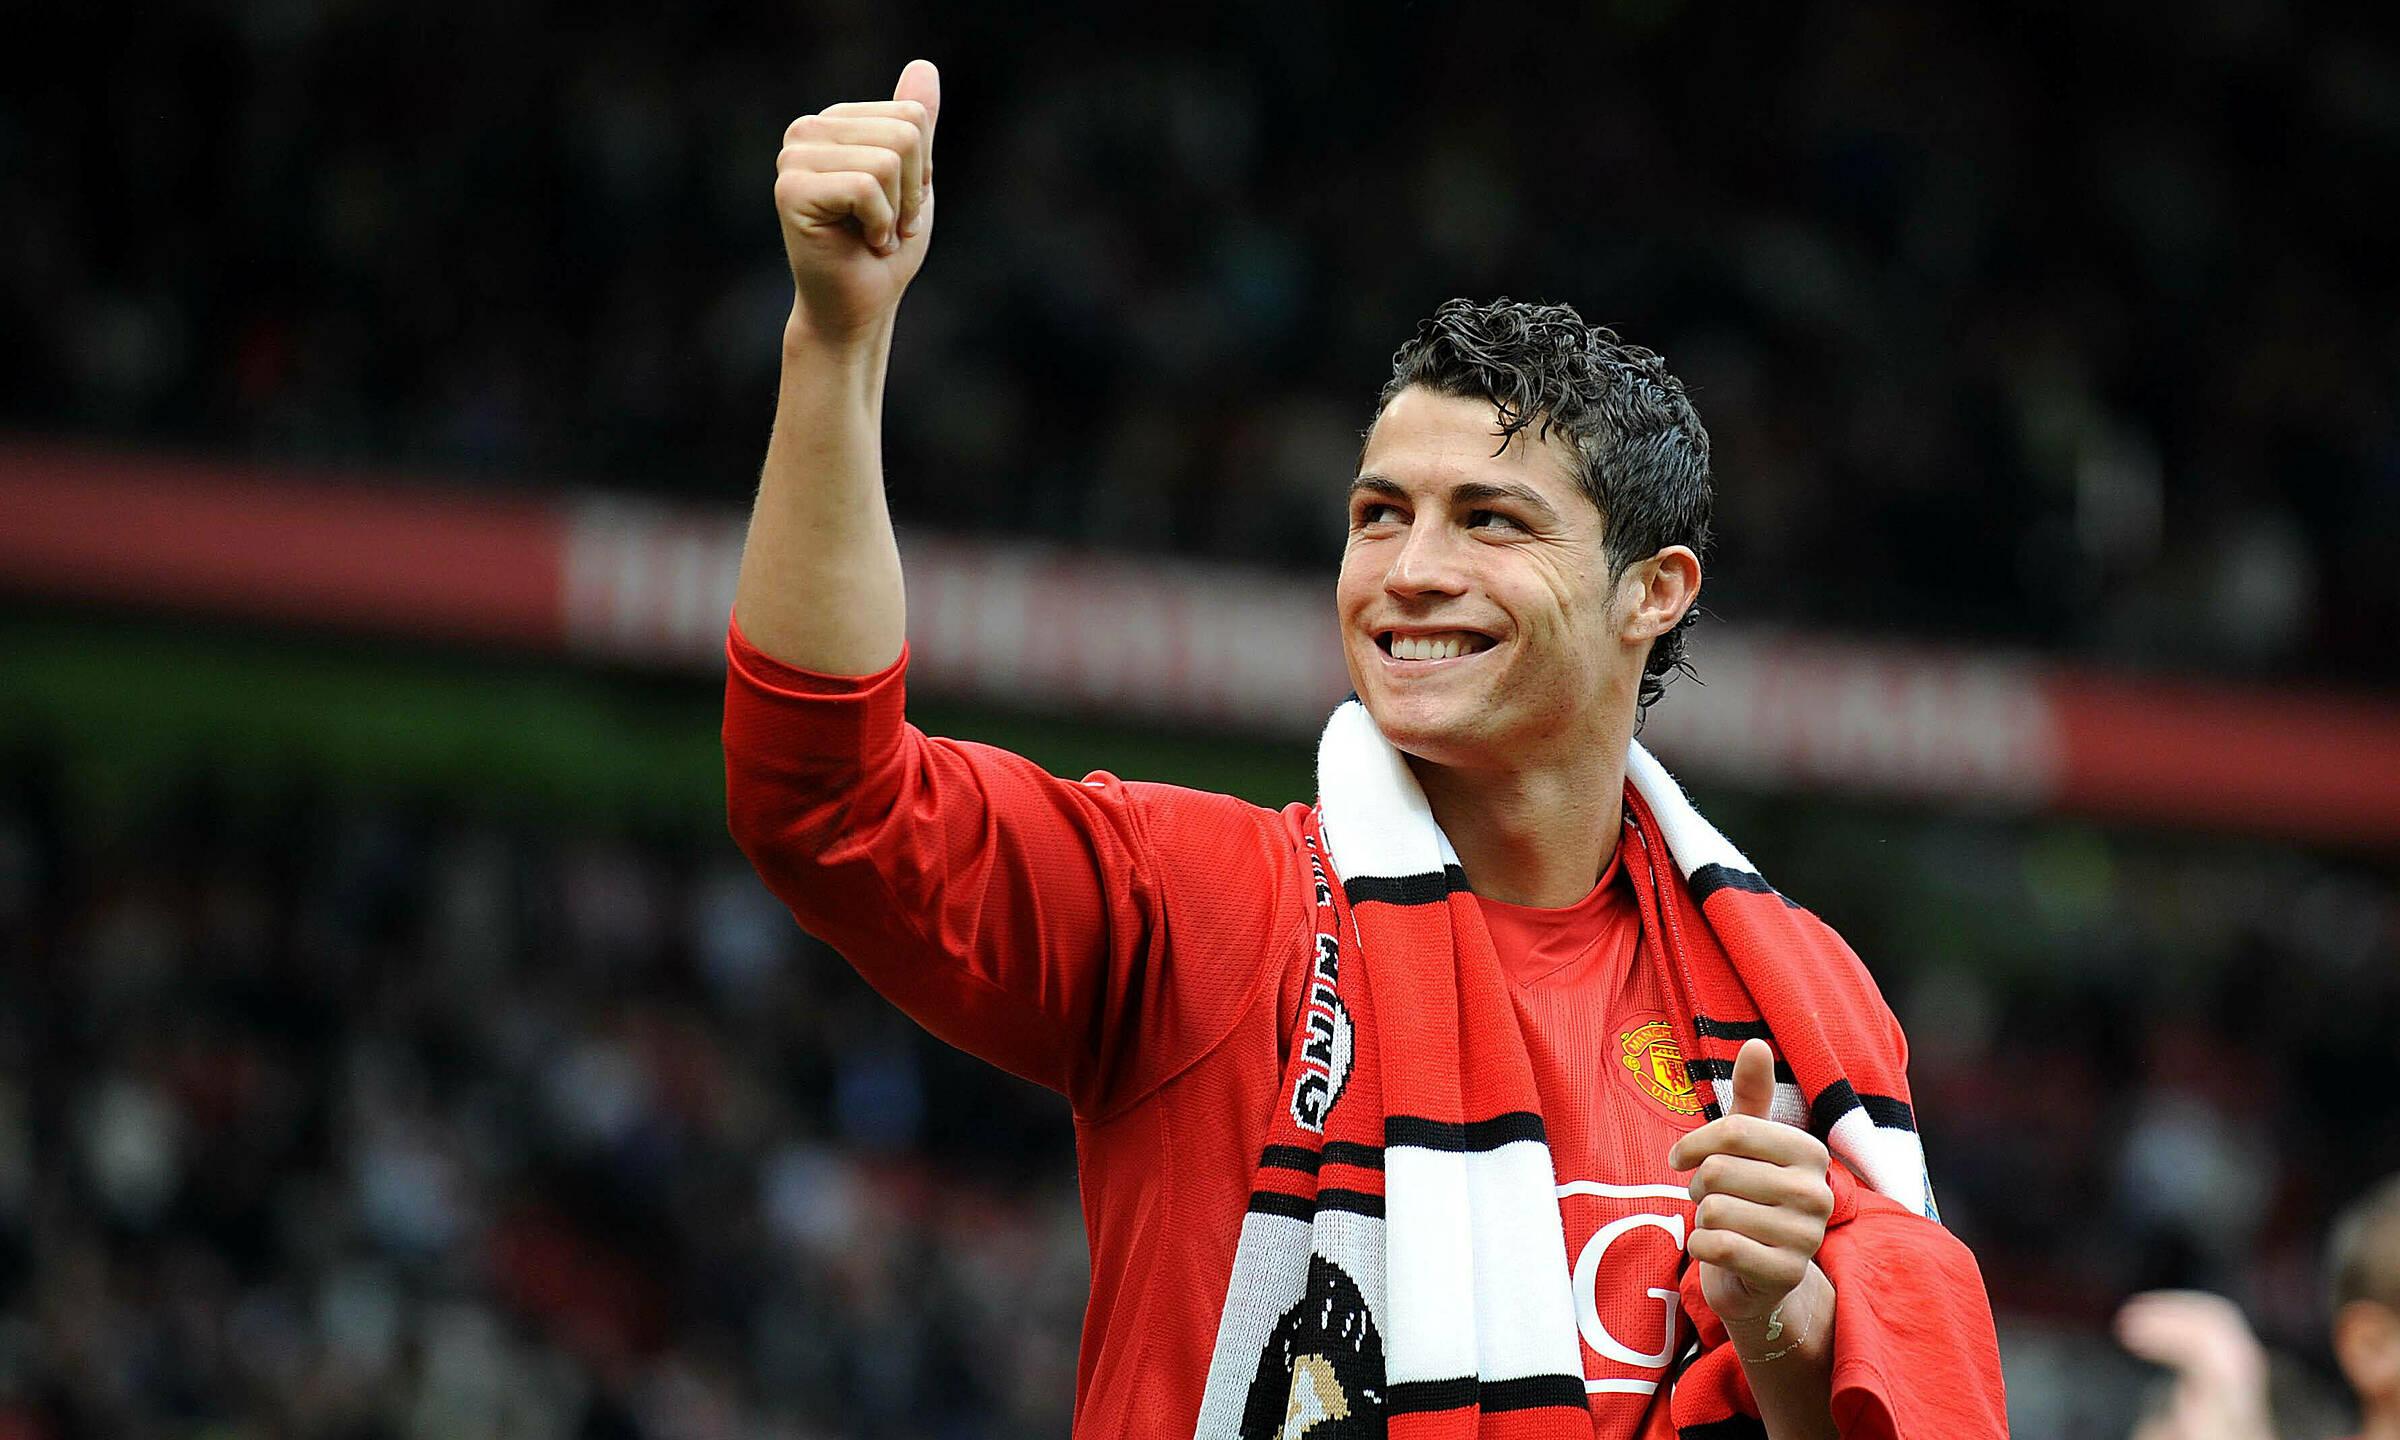 Ronaldo sẽ trở lại Man Utd sau 12 năm xa cách. Trong chín năm khoác áo Man Utd giai đoạn 2003-2009, anh ghi 118 bàn qua 292 trận. Ảnh: AFP